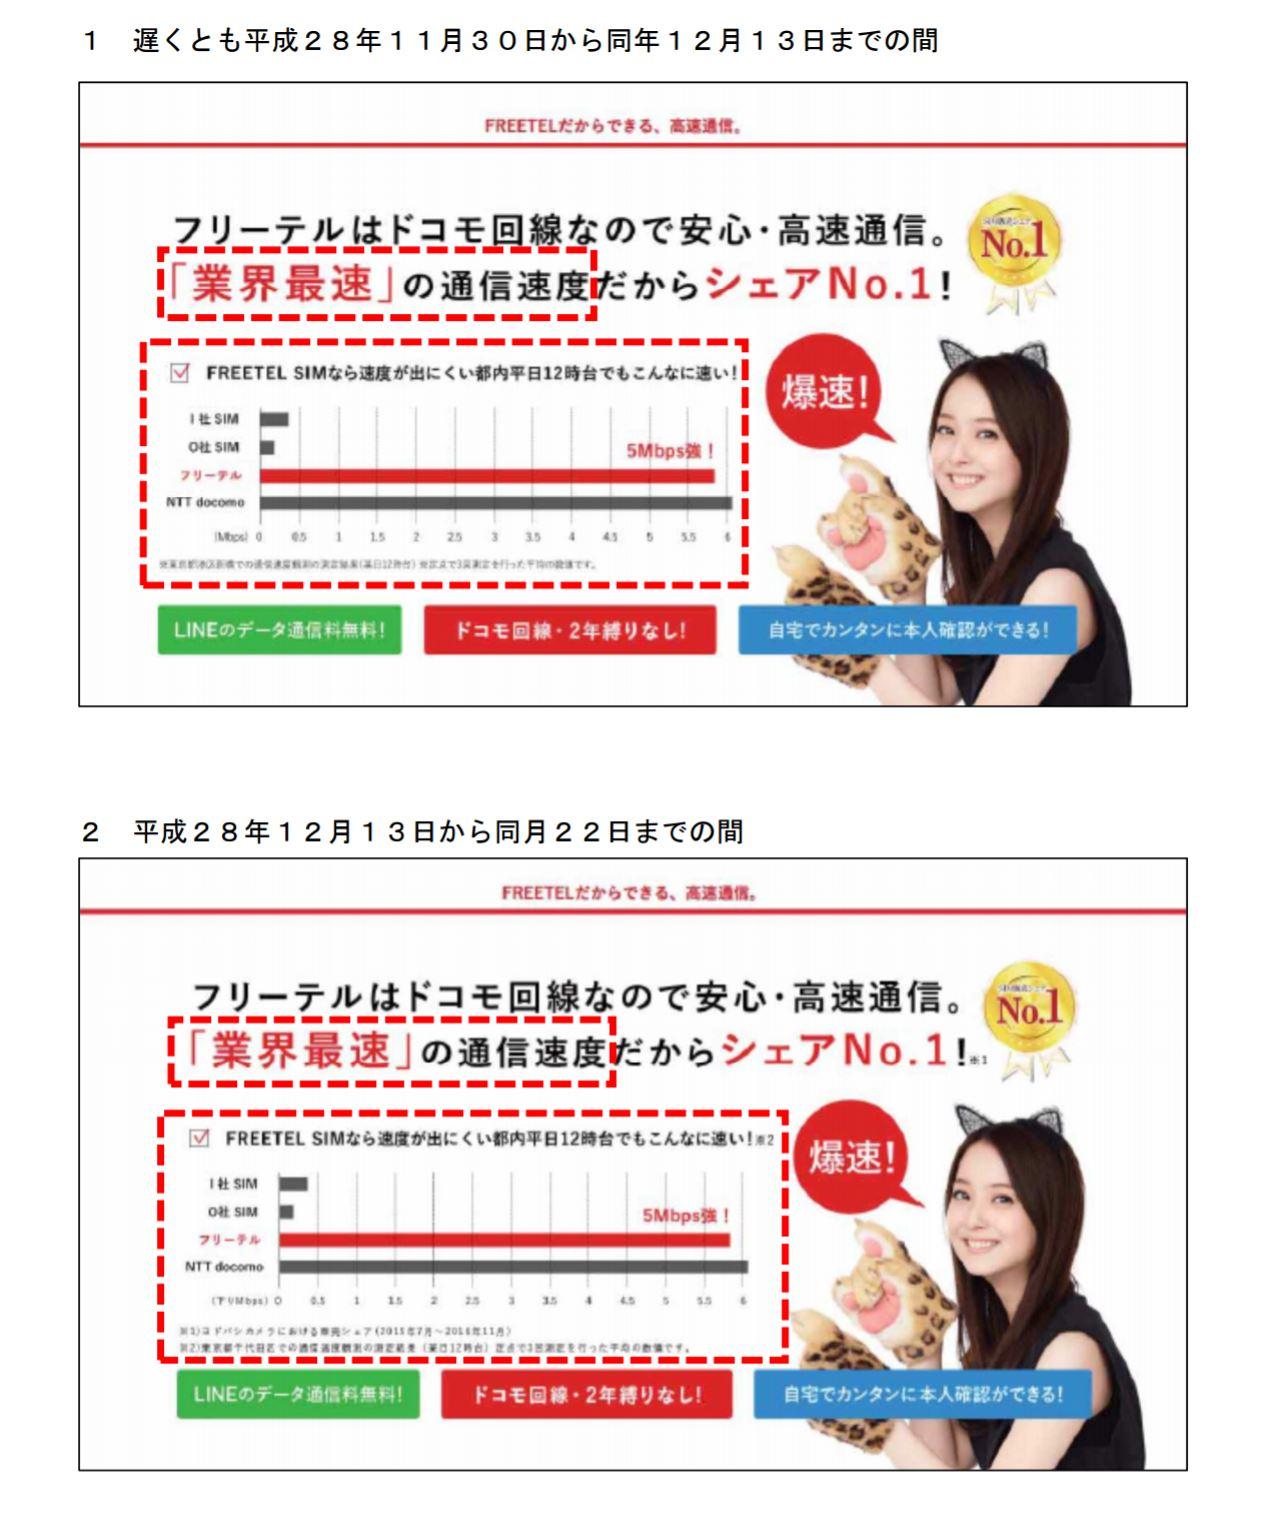 FREETEL、消費者庁から措置命令「不当な表示で3点の指摘」